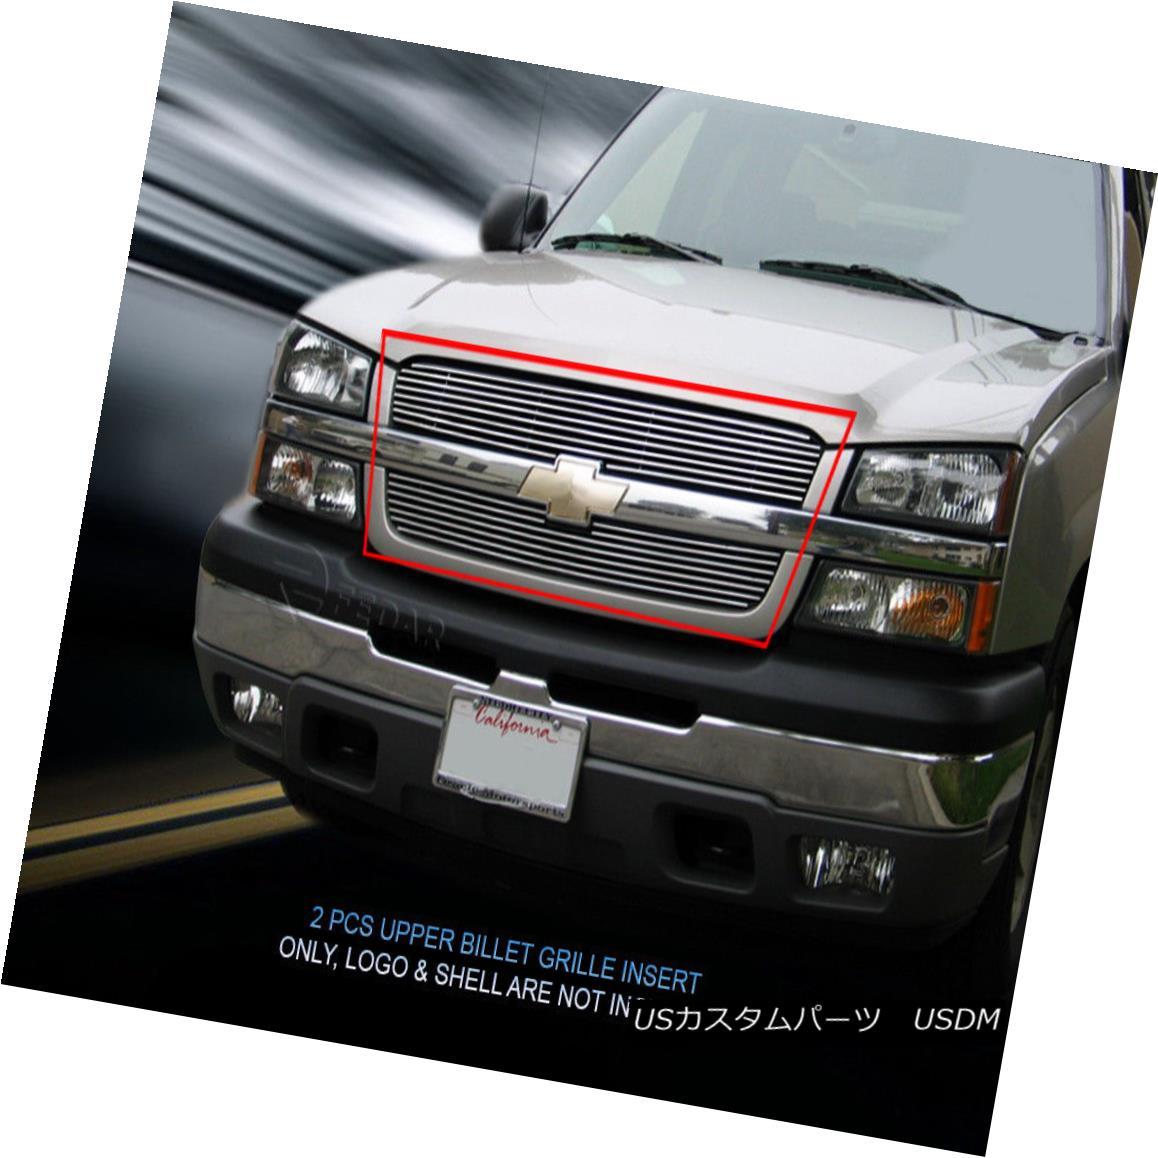 グリル For 03-05 Chevy Silverado 02-06 Chevy Avalanche Billet Grille Upper Grill Fedar 03-05 Chevy Silverado 02-06 Chevy Avalancheビレットグリルアッパーグリルフェルダー